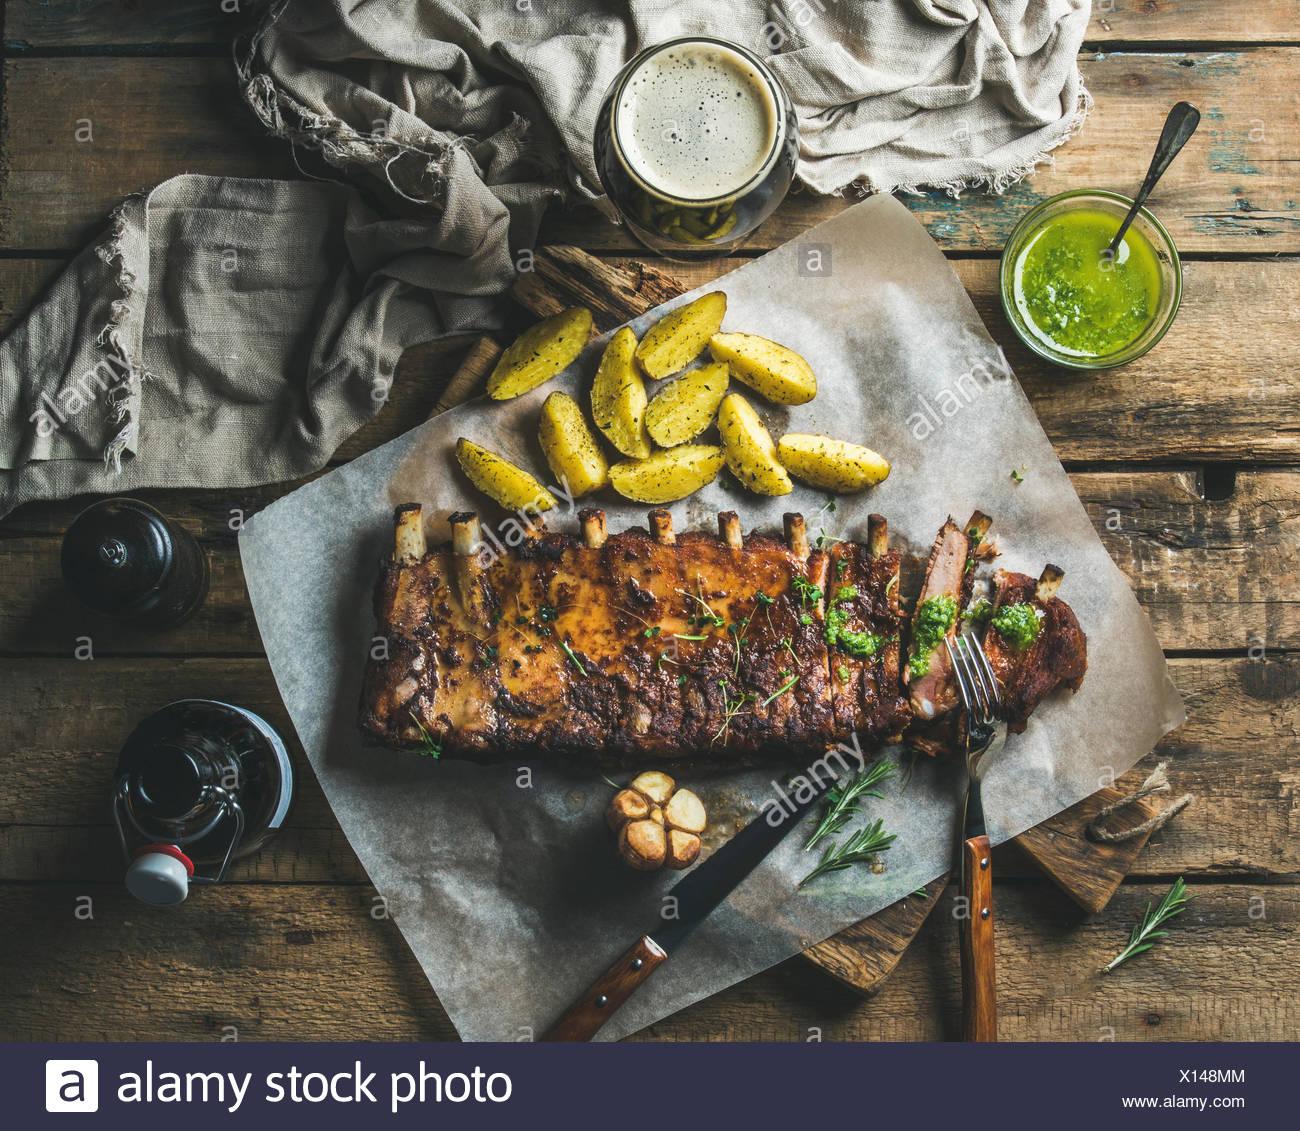 Arrosto di maiale nervature parzialmente tagliato a pezzi con aglio, rosmarino, salsa alle erbe verdi, patate fritte e birra scura sul legno rustico ba Immagini Stock